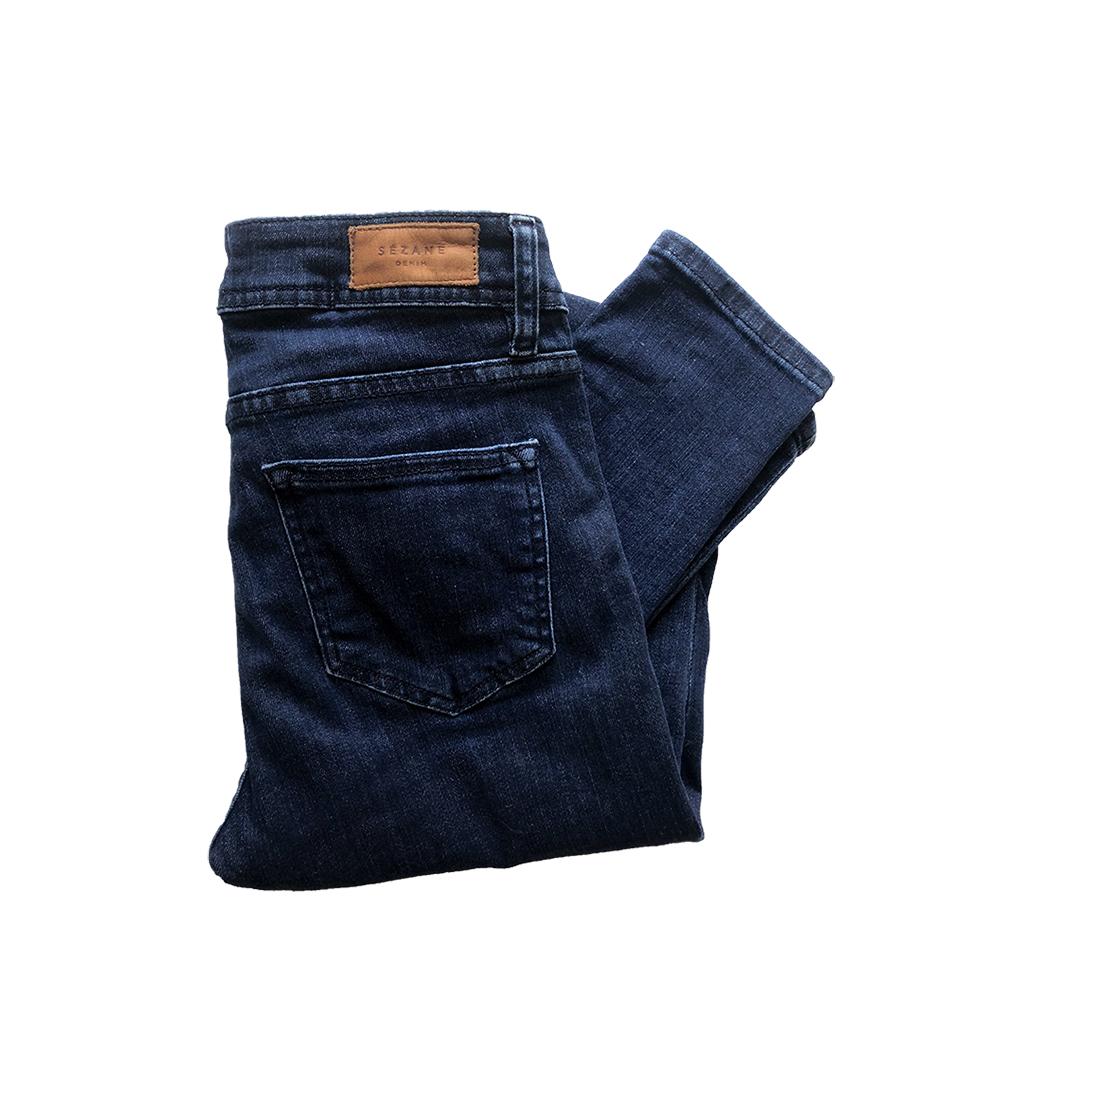 comment porter un jean brut